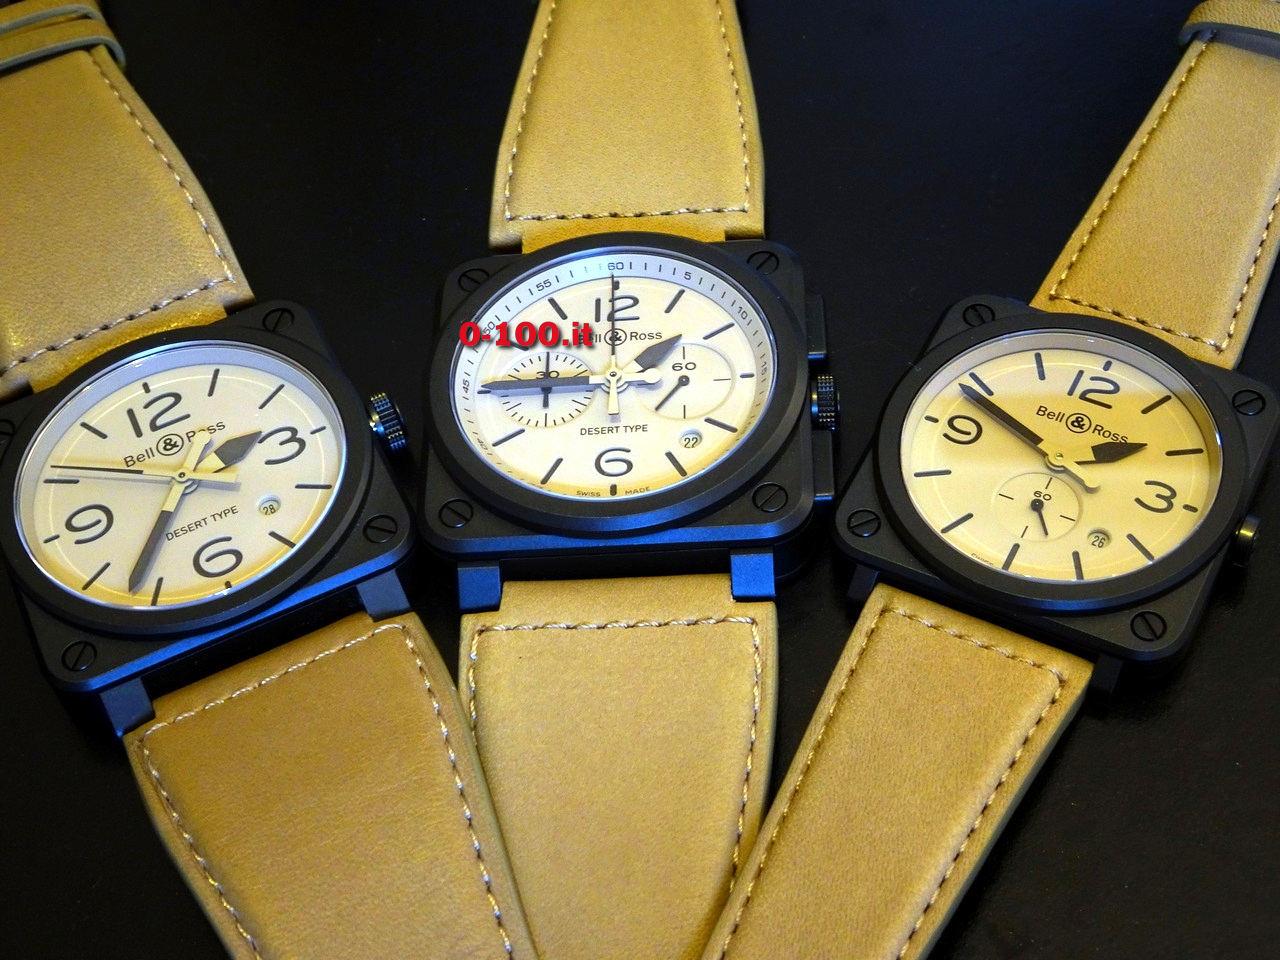 bell-ross-BR03-Desert-Type-prezzo-price-0-100_31